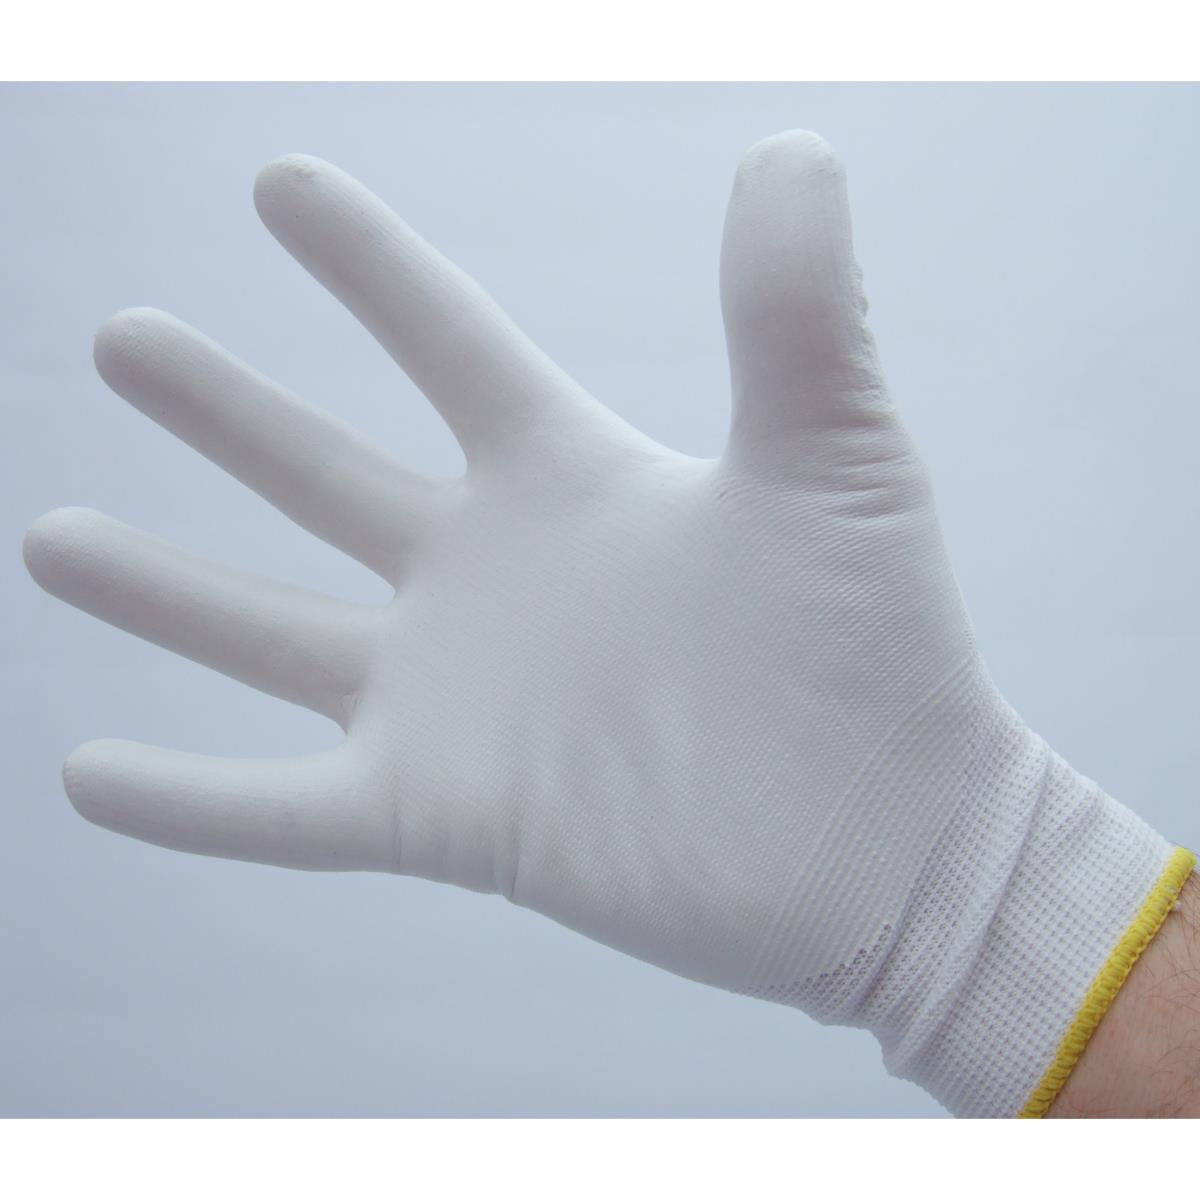 Faience Cuisine Blanche : Gants textile contact alimentaire qualité pro taille